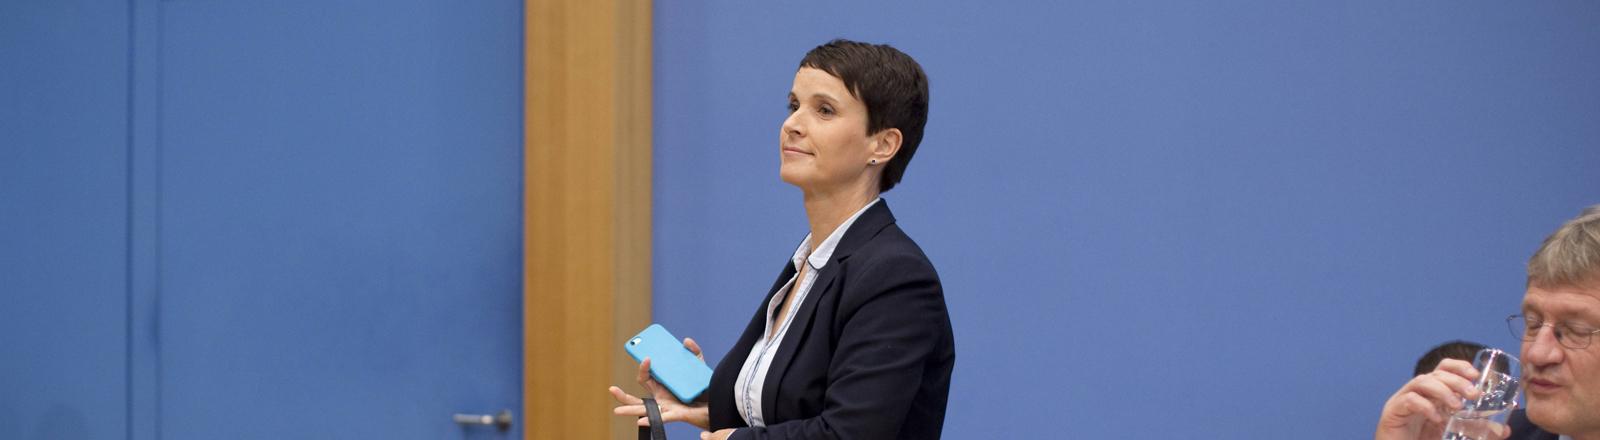 Frauke Petry verlässt die Bundespressekonferenz